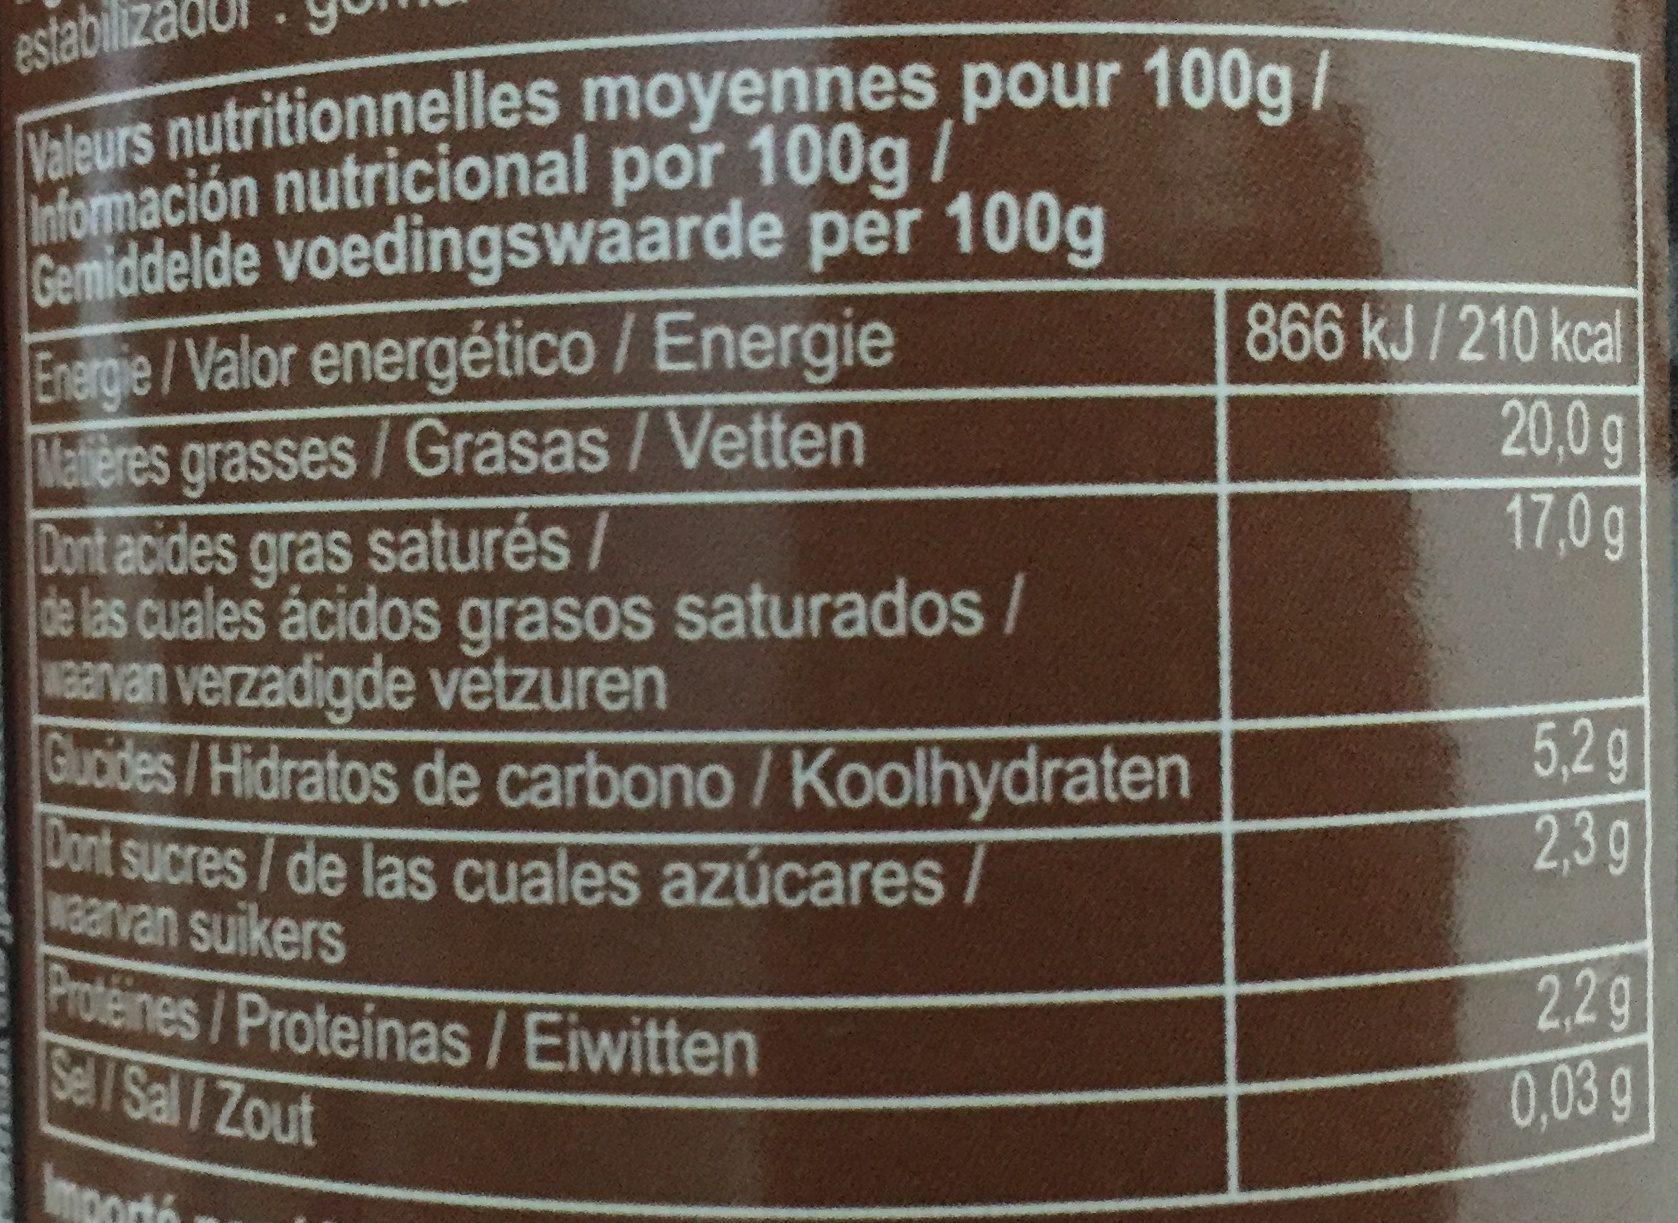 Suree Crème De Noix De Coco 400 mL - Voedingswaarden - fr